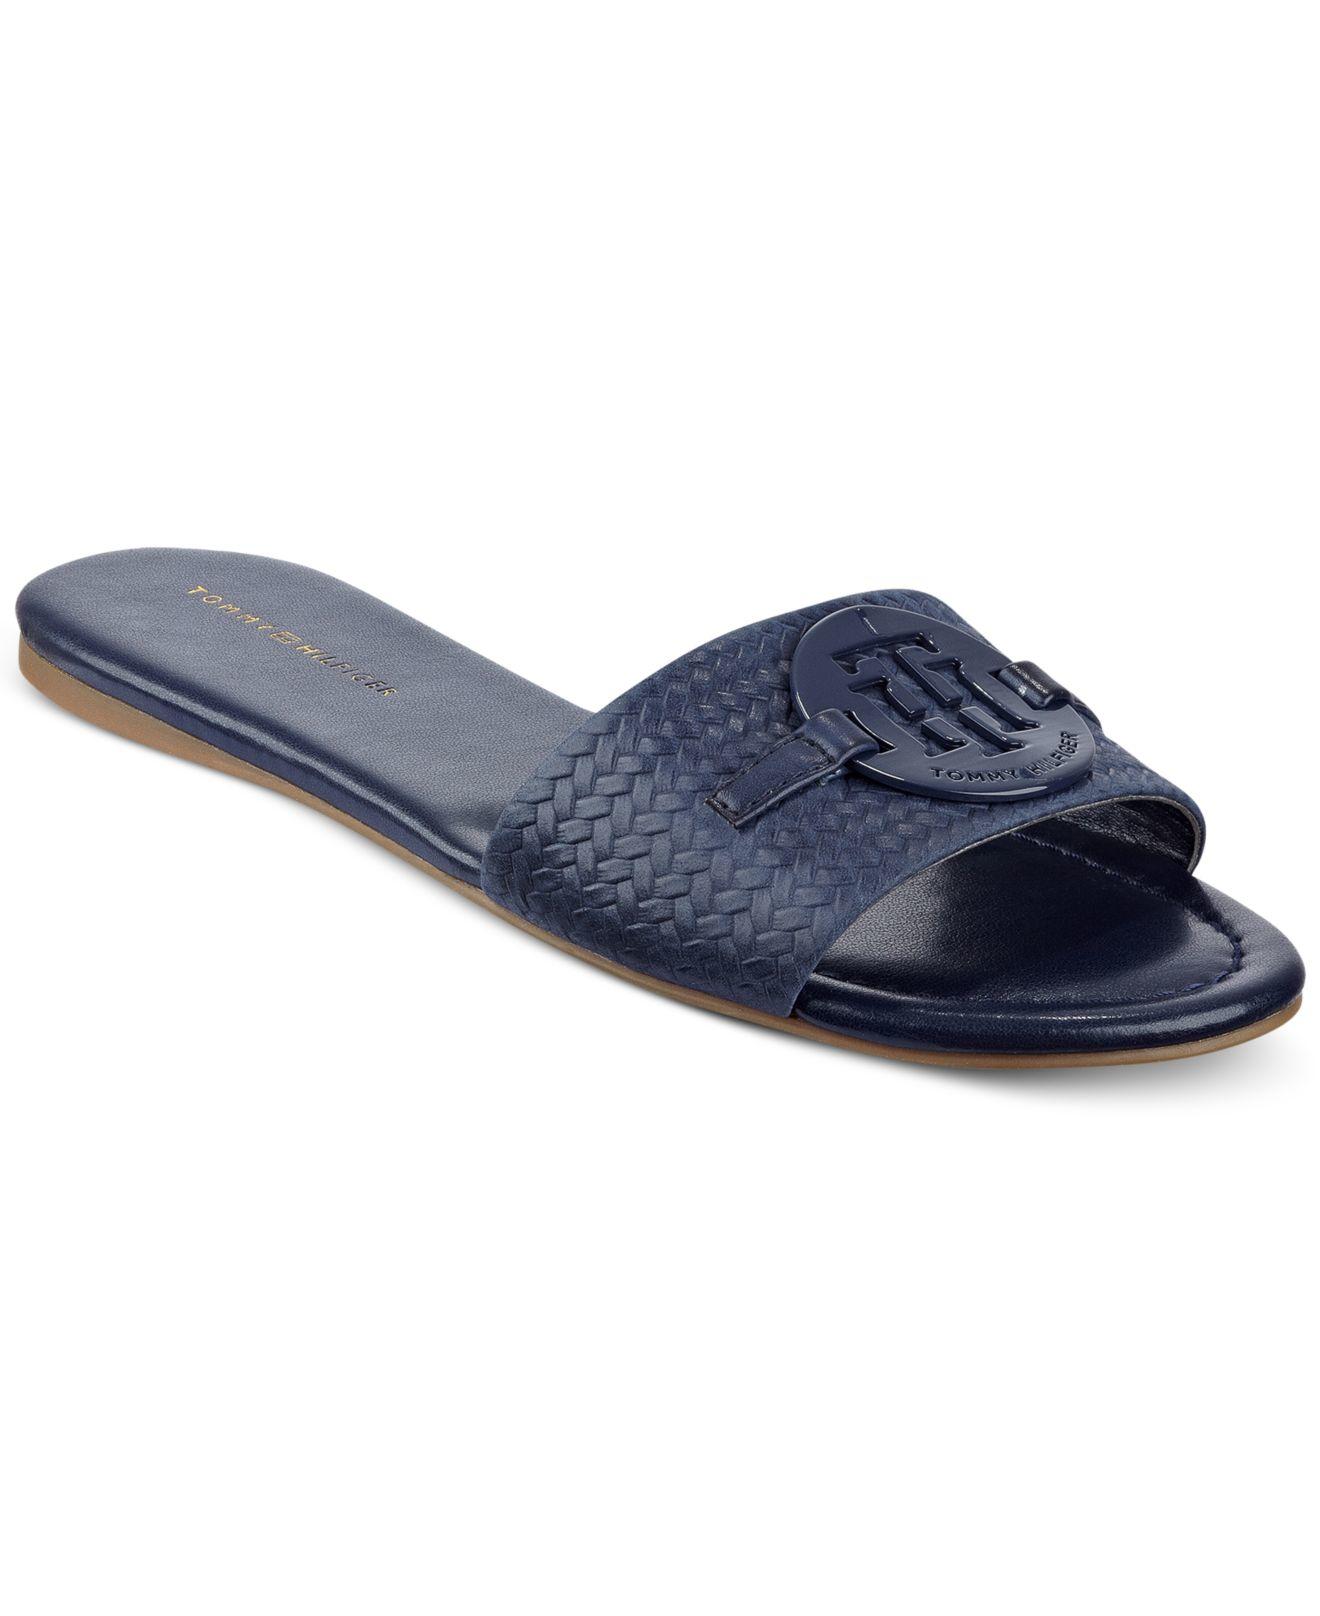 5f0b966ccf04c Lyst - Tommy Hilfiger Fabre Logo Slide-on Sandals in Blue